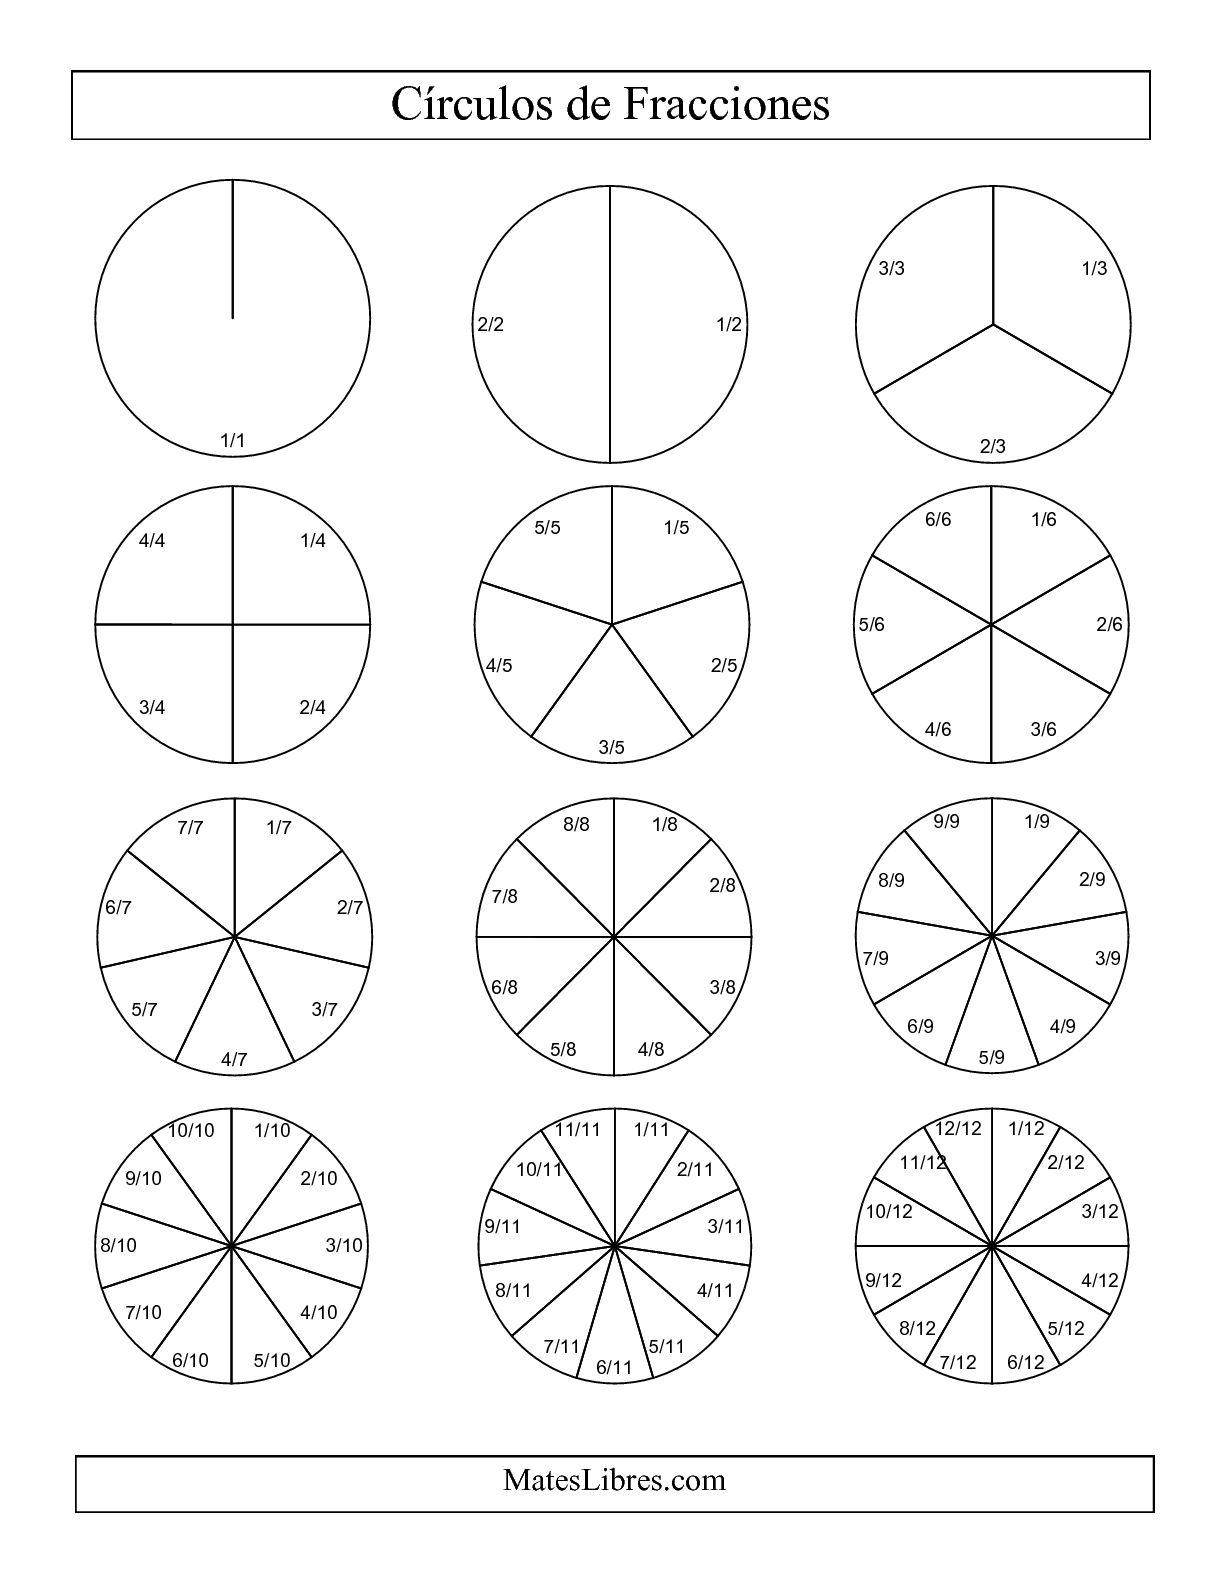 La Círculos en Blanco y Negro de Fracciones con Etiquetas (Pequeño) (F) Hoja de Ejercicio de Fracciones